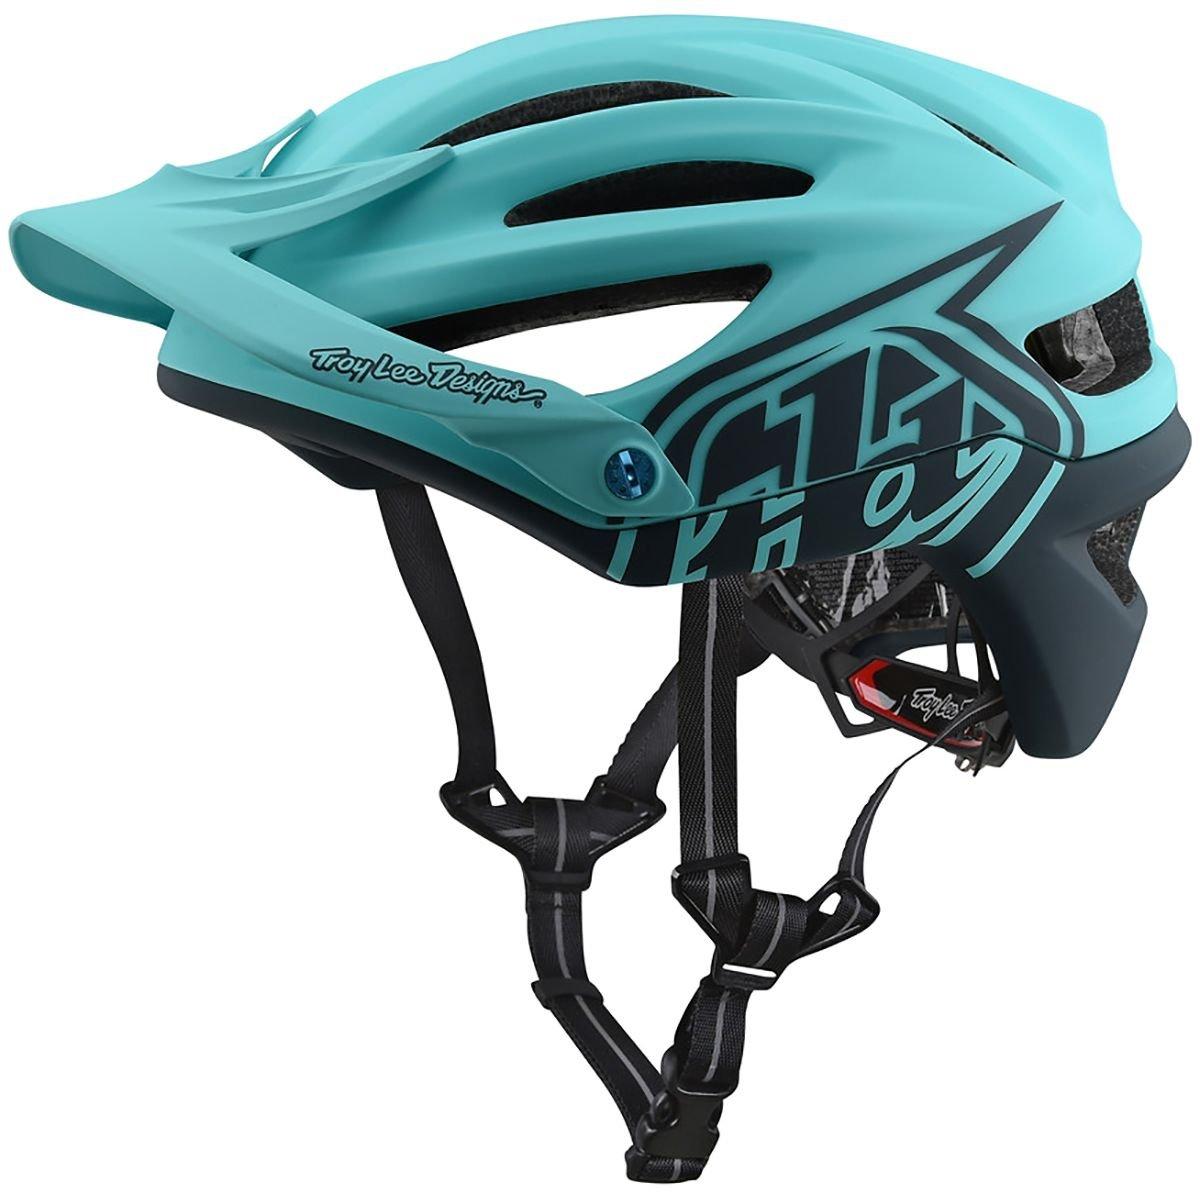 2018トロイリーデザインA2 MIPSおとり自転車ヘルメットアクアM/L   B079CF4NRQ